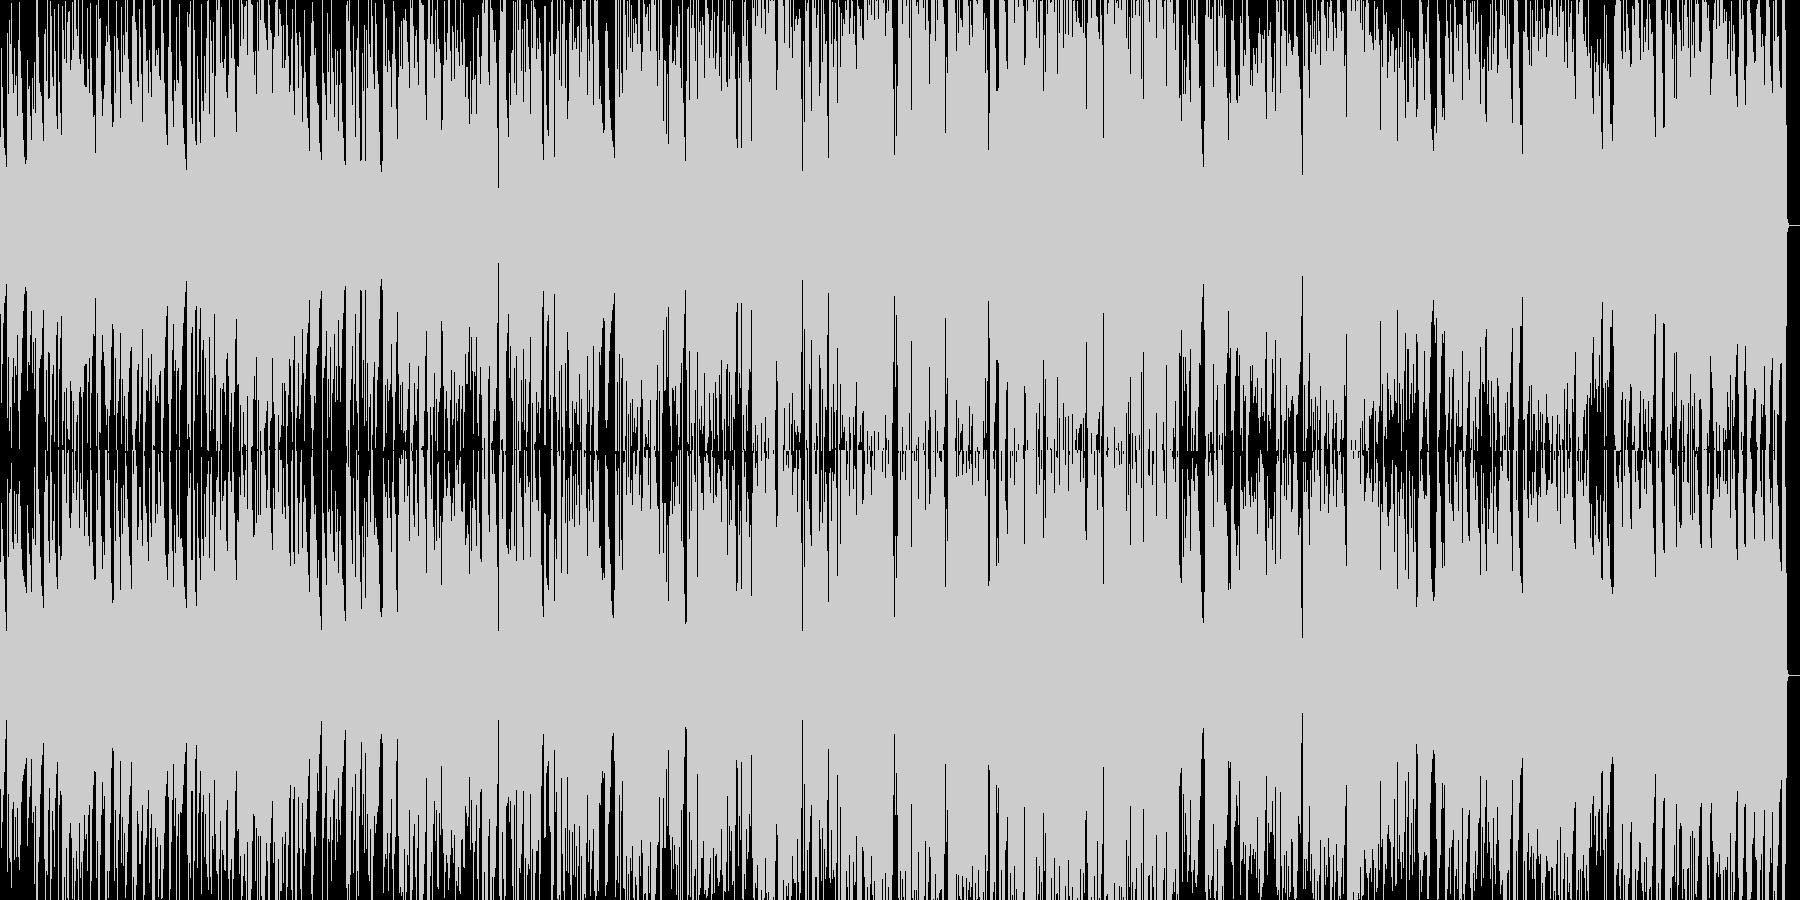 けだるい雰囲気のジャズピアノトリオの未再生の波形